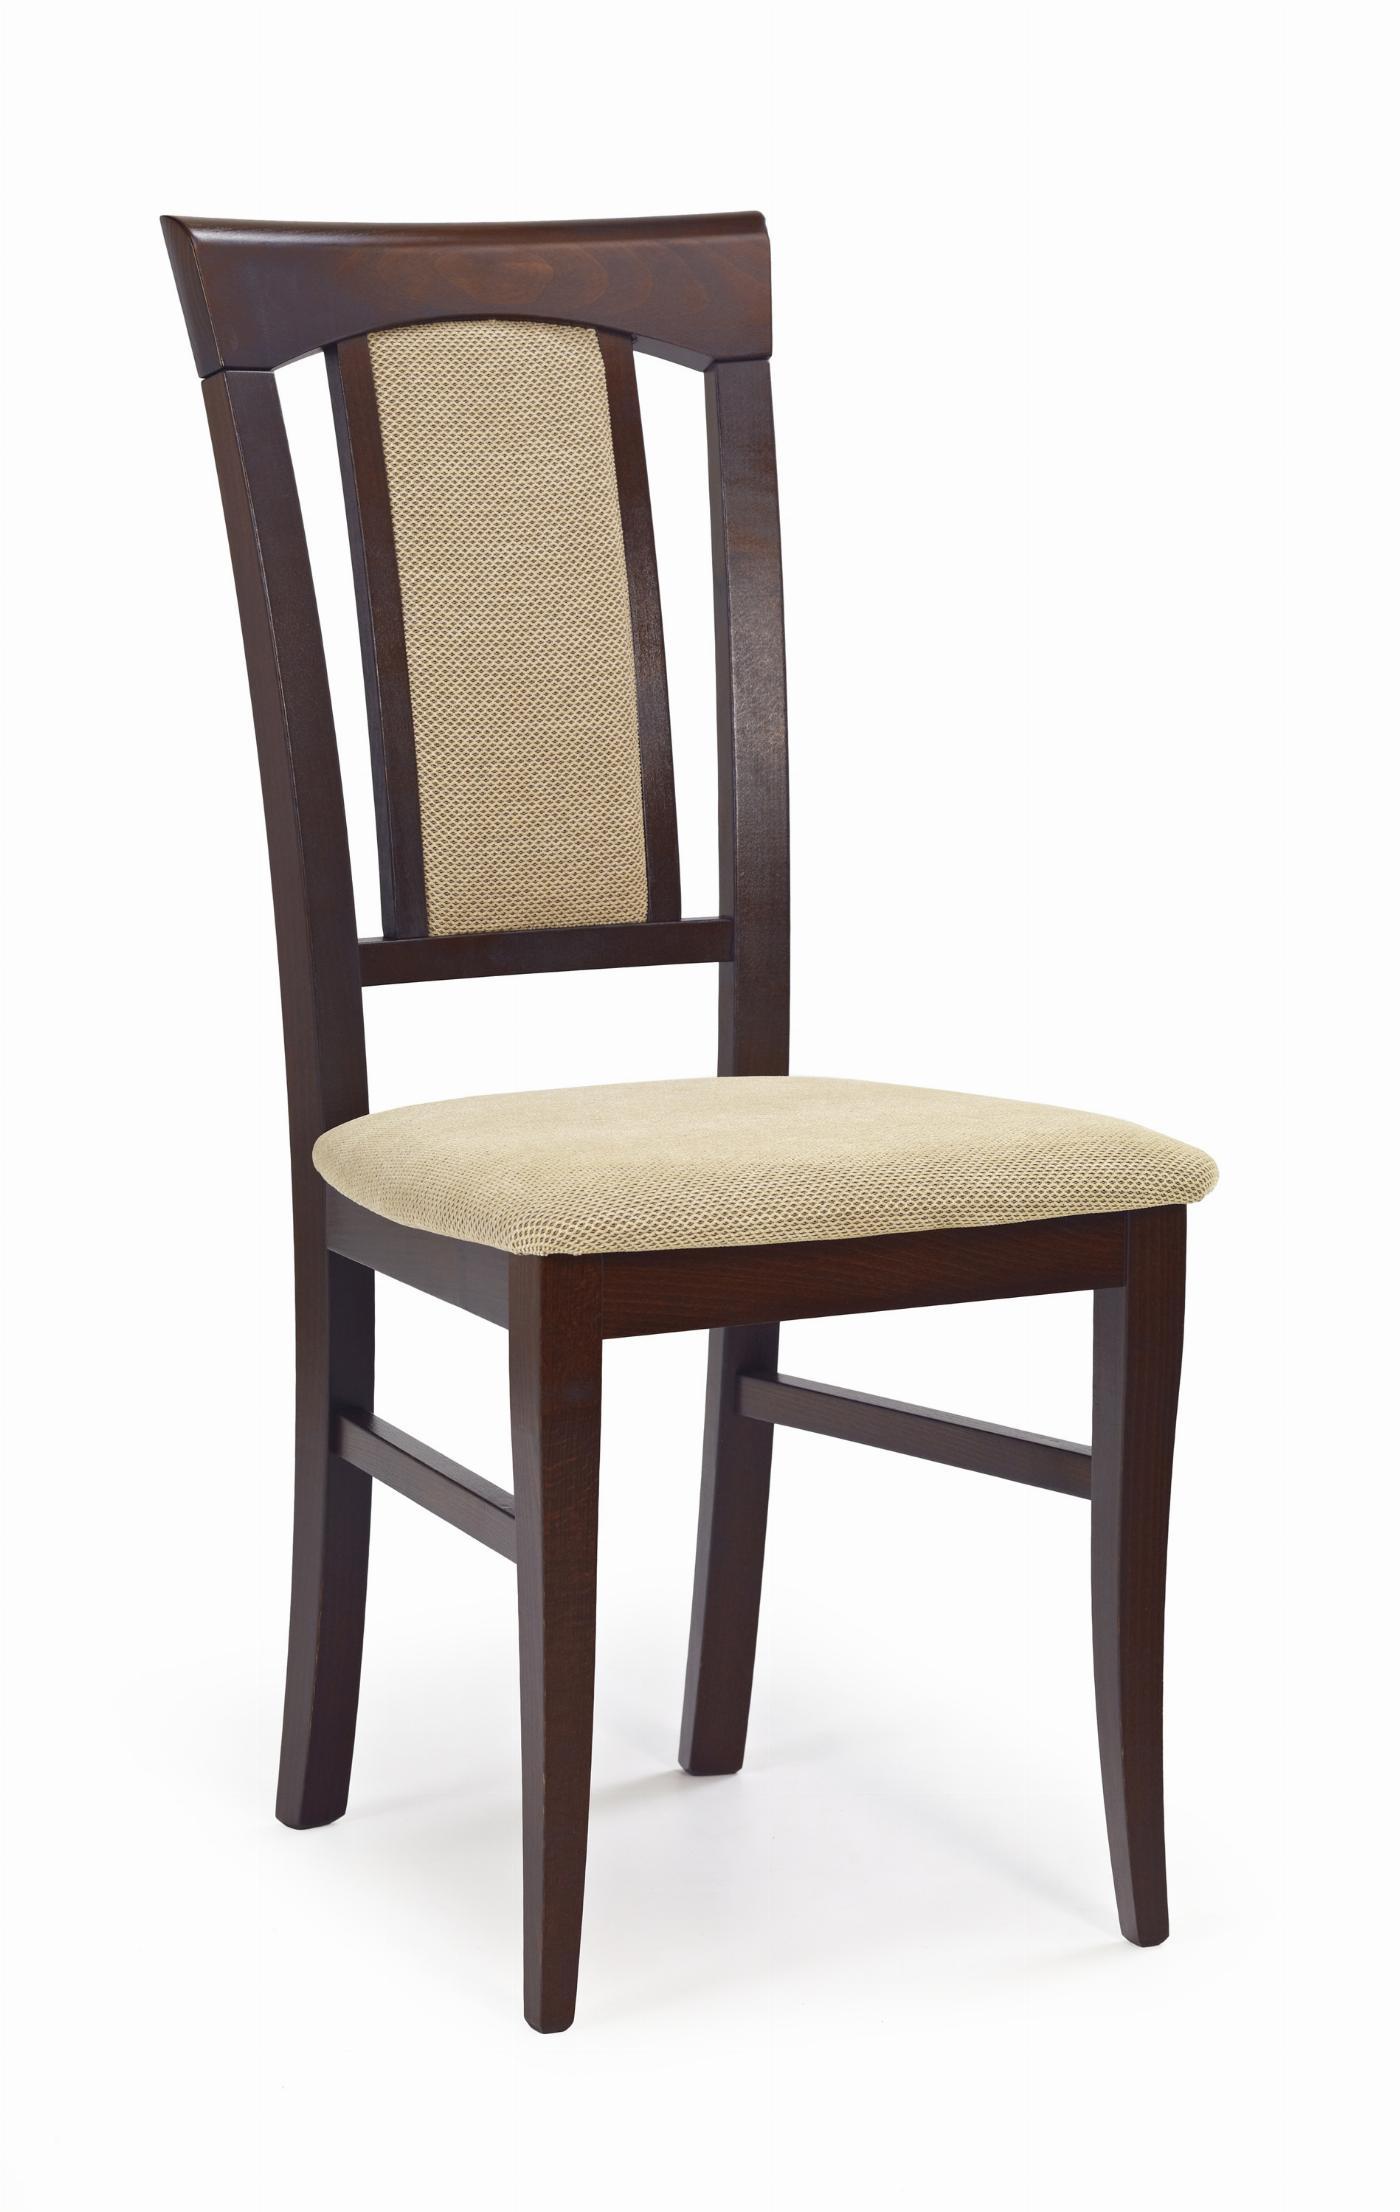 KONRAD krzesło ciemny orzech / tap: Torent Beige (1p=2szt)